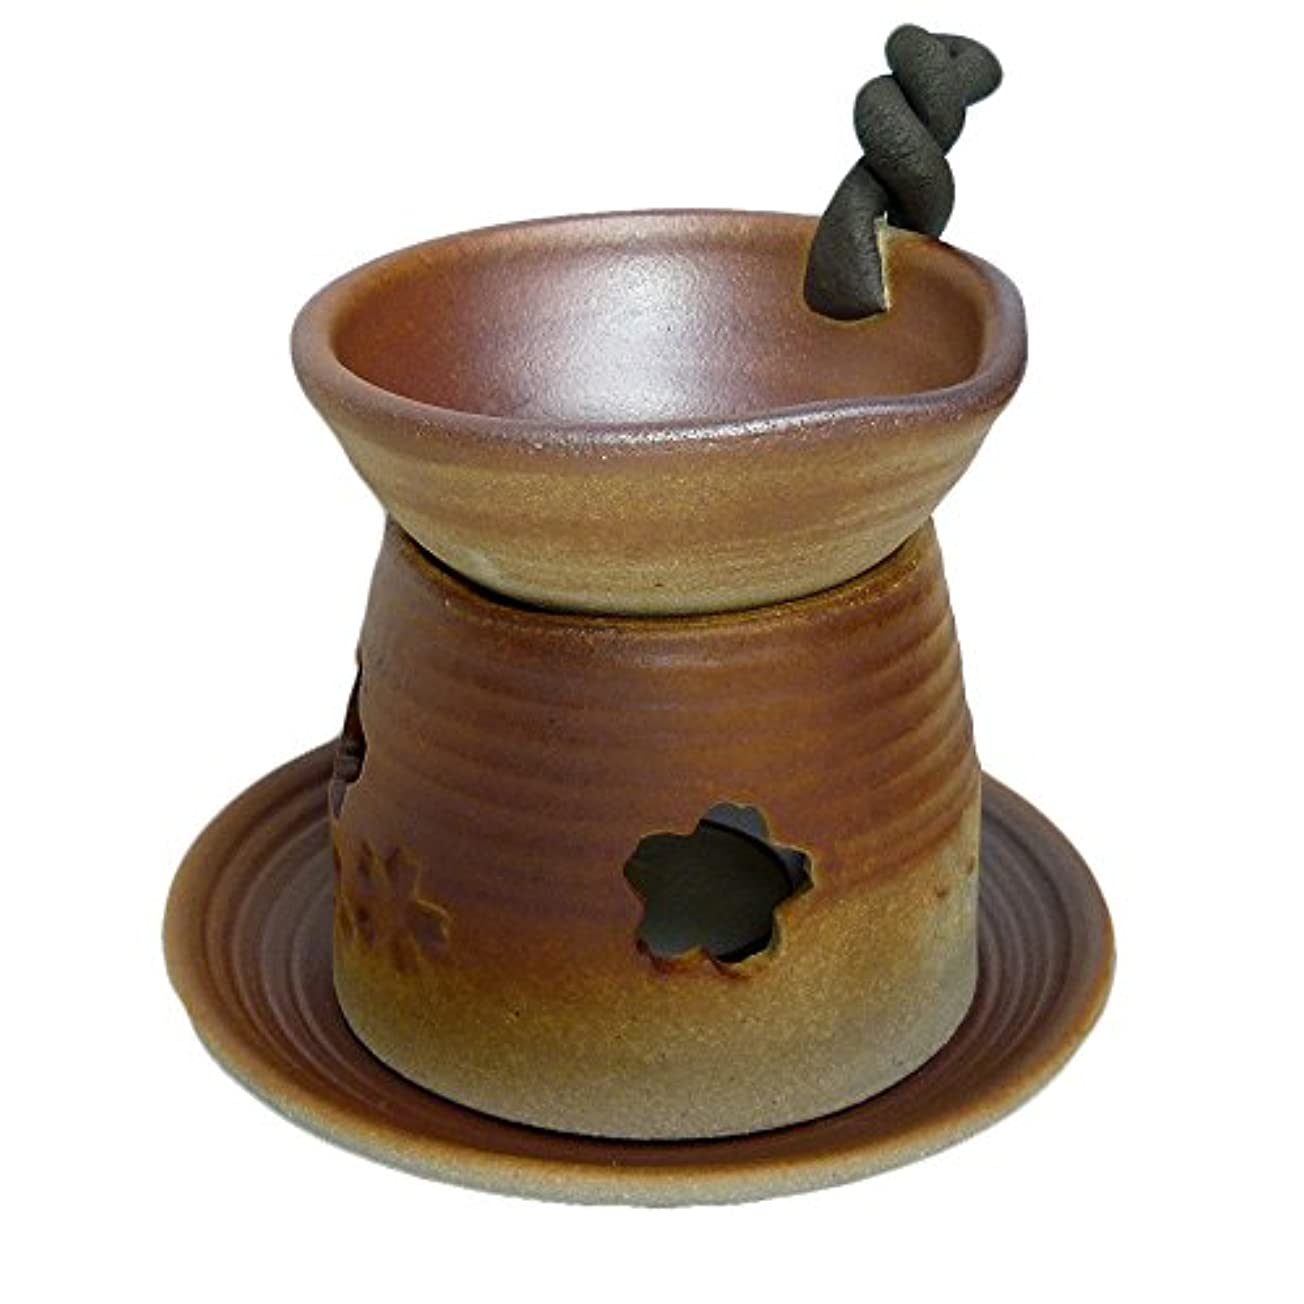 香炉 錆吹き 手付茶香炉 [H13.5cm] HANDMADE プレゼント ギフト 和食器 かわいい インテリア